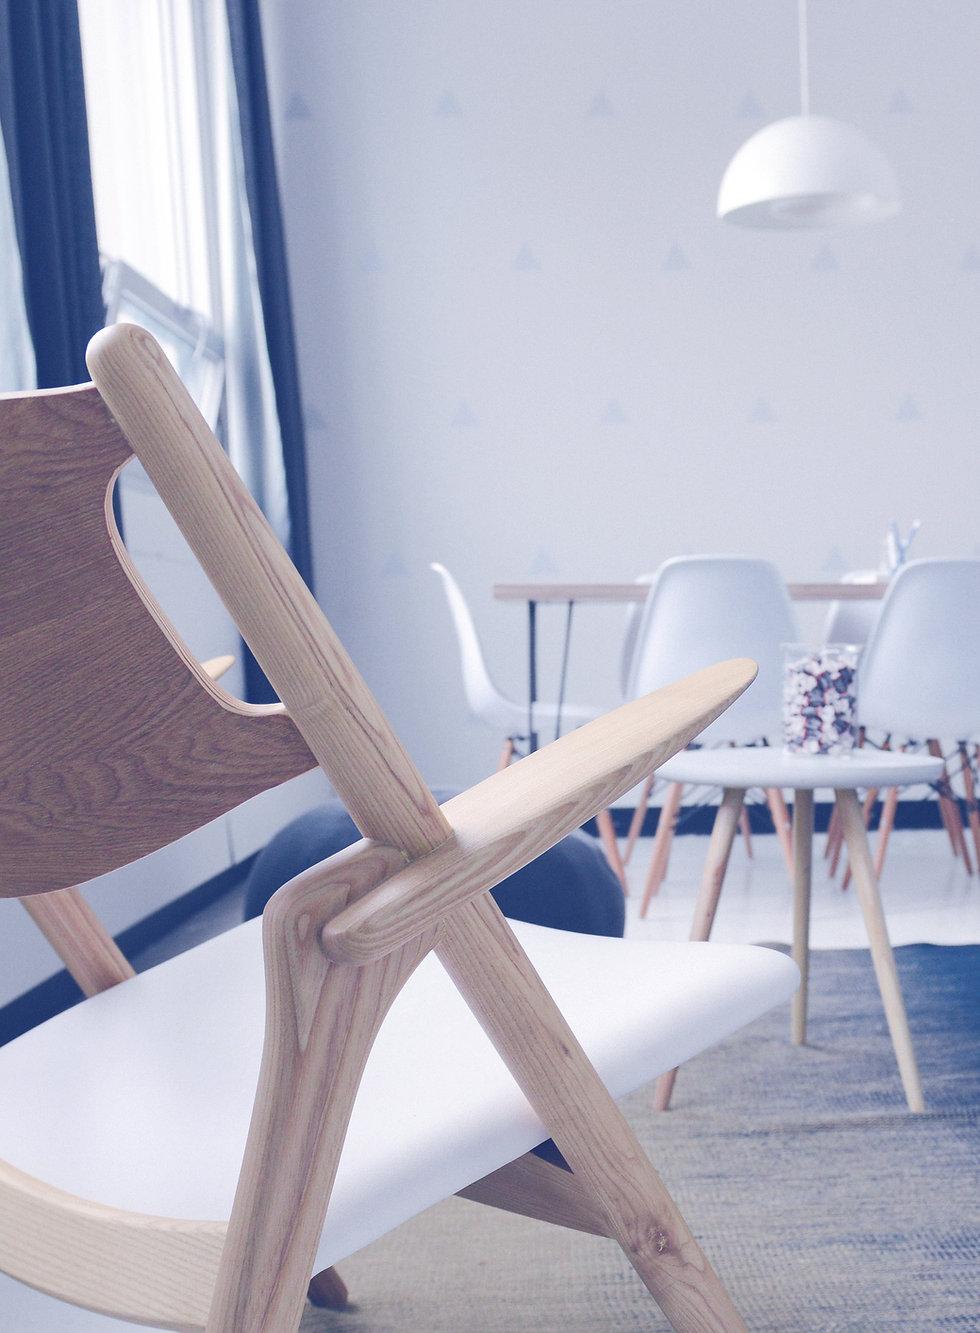 תכנון אדריכלי ועיצוב פנים כולל – מדוע כן